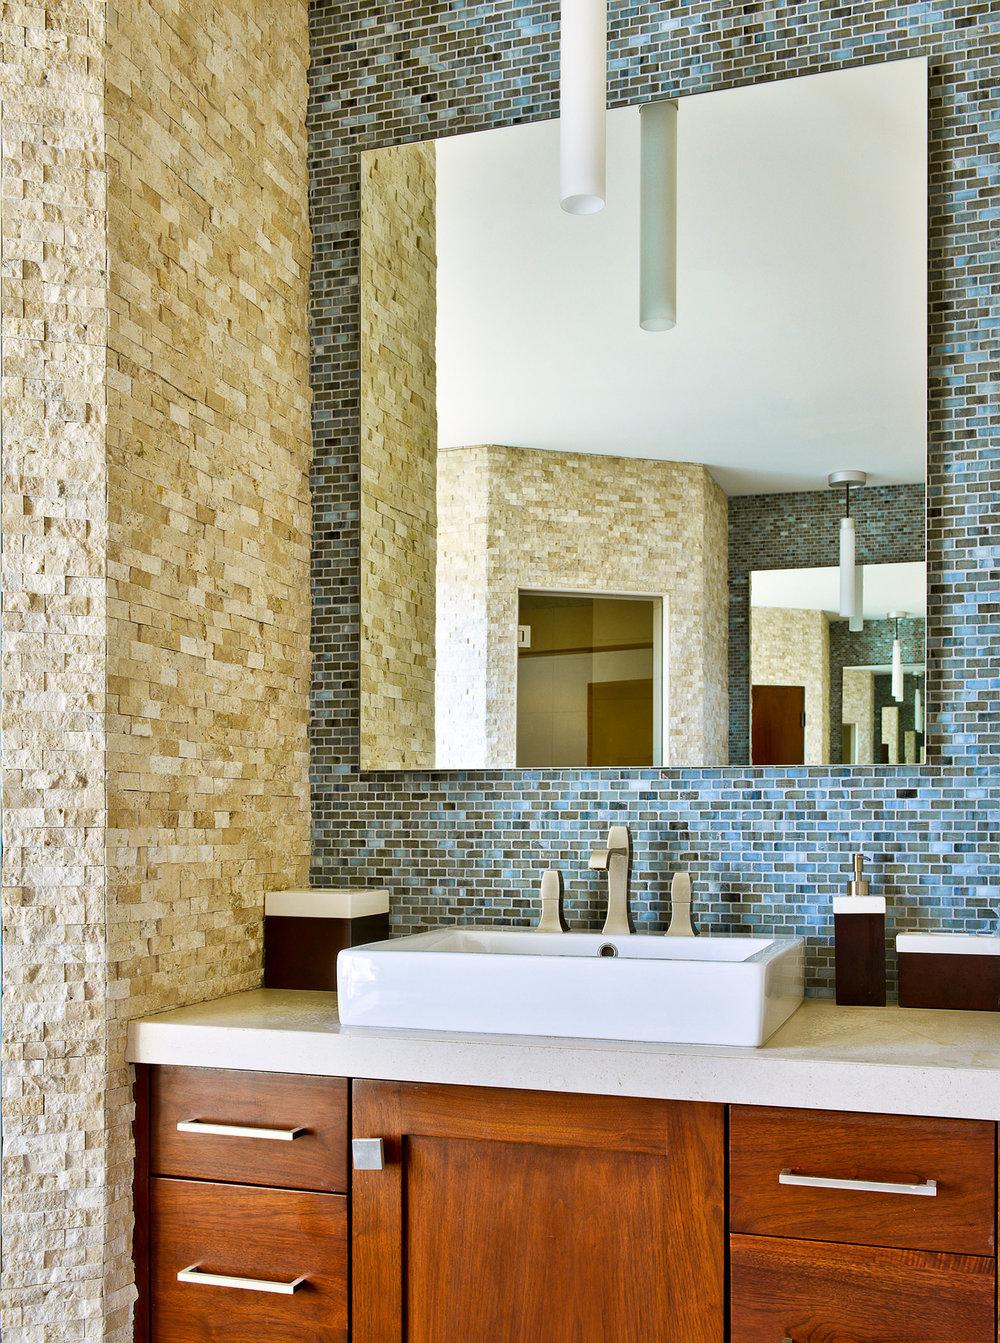 17-bathroom-modern-LosAngeles-SiliconBay.jpg